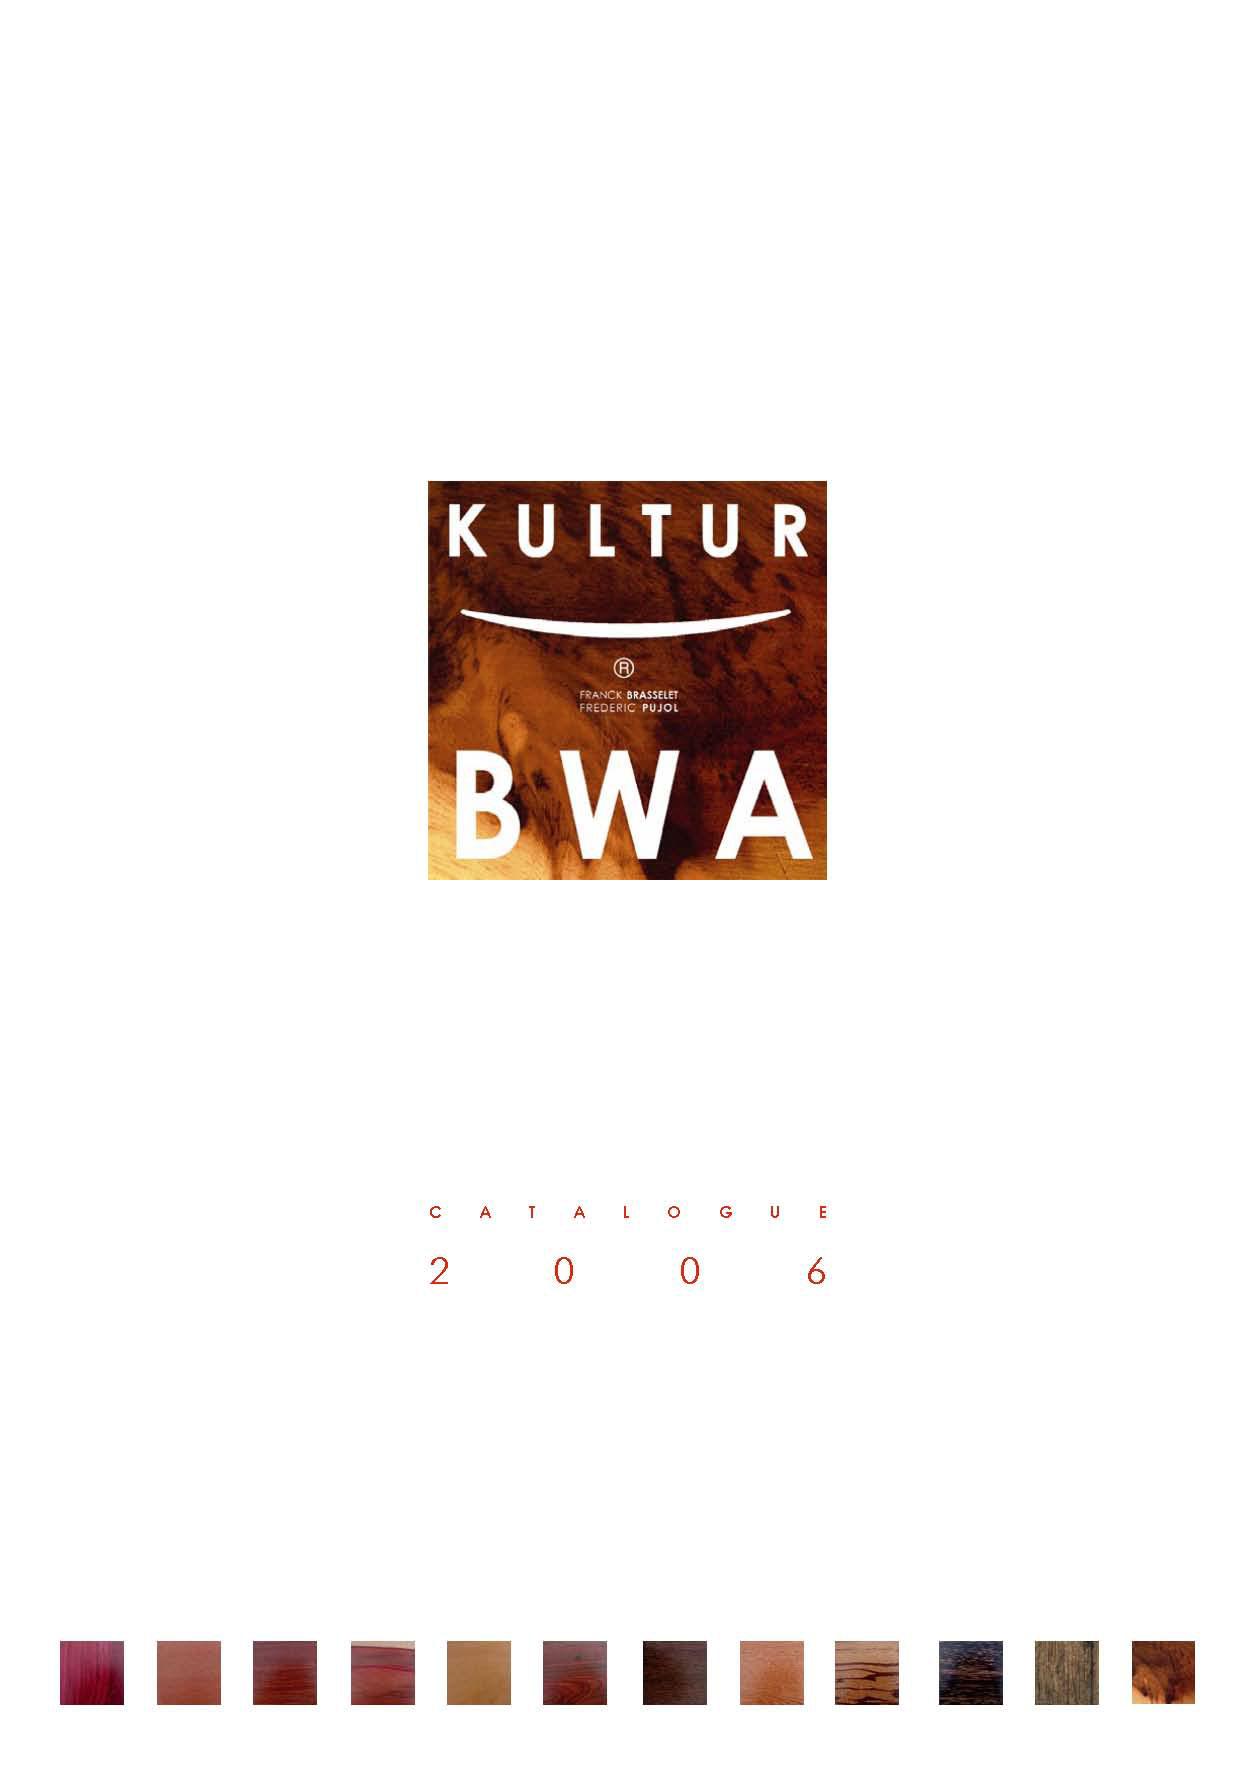 kulturbwa_page_05